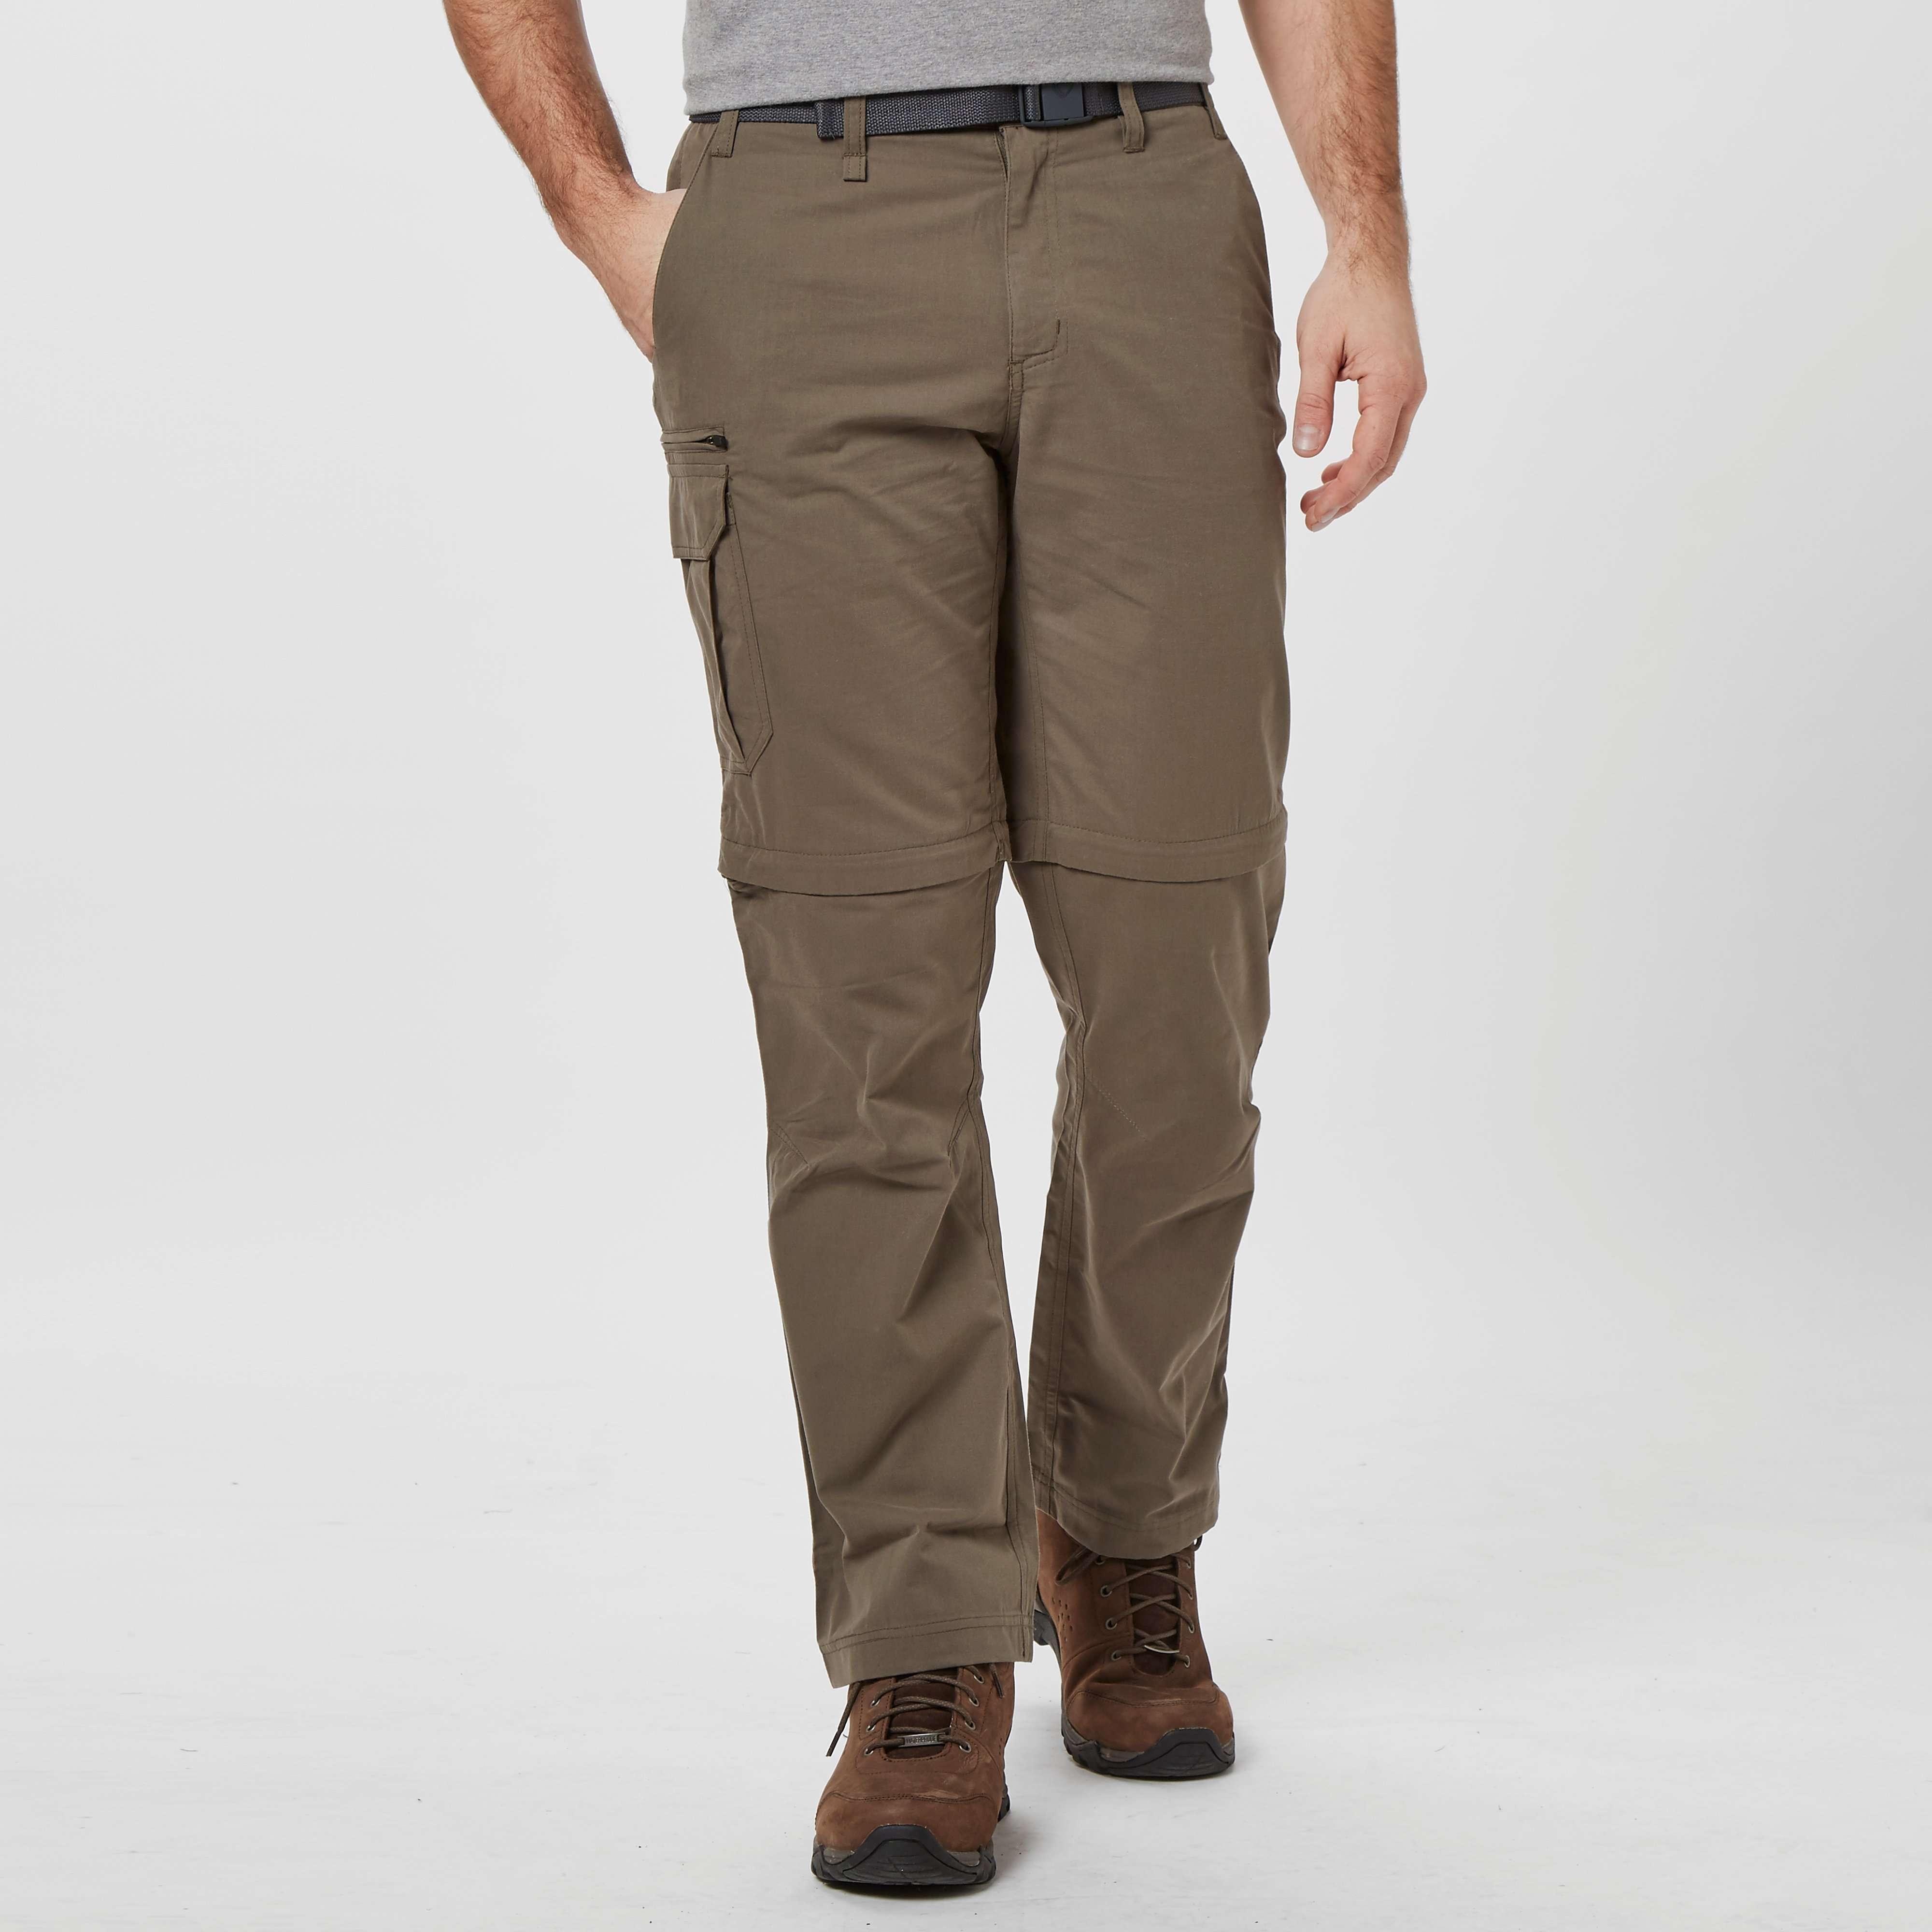 BRASHER Men's Convertible Trouser